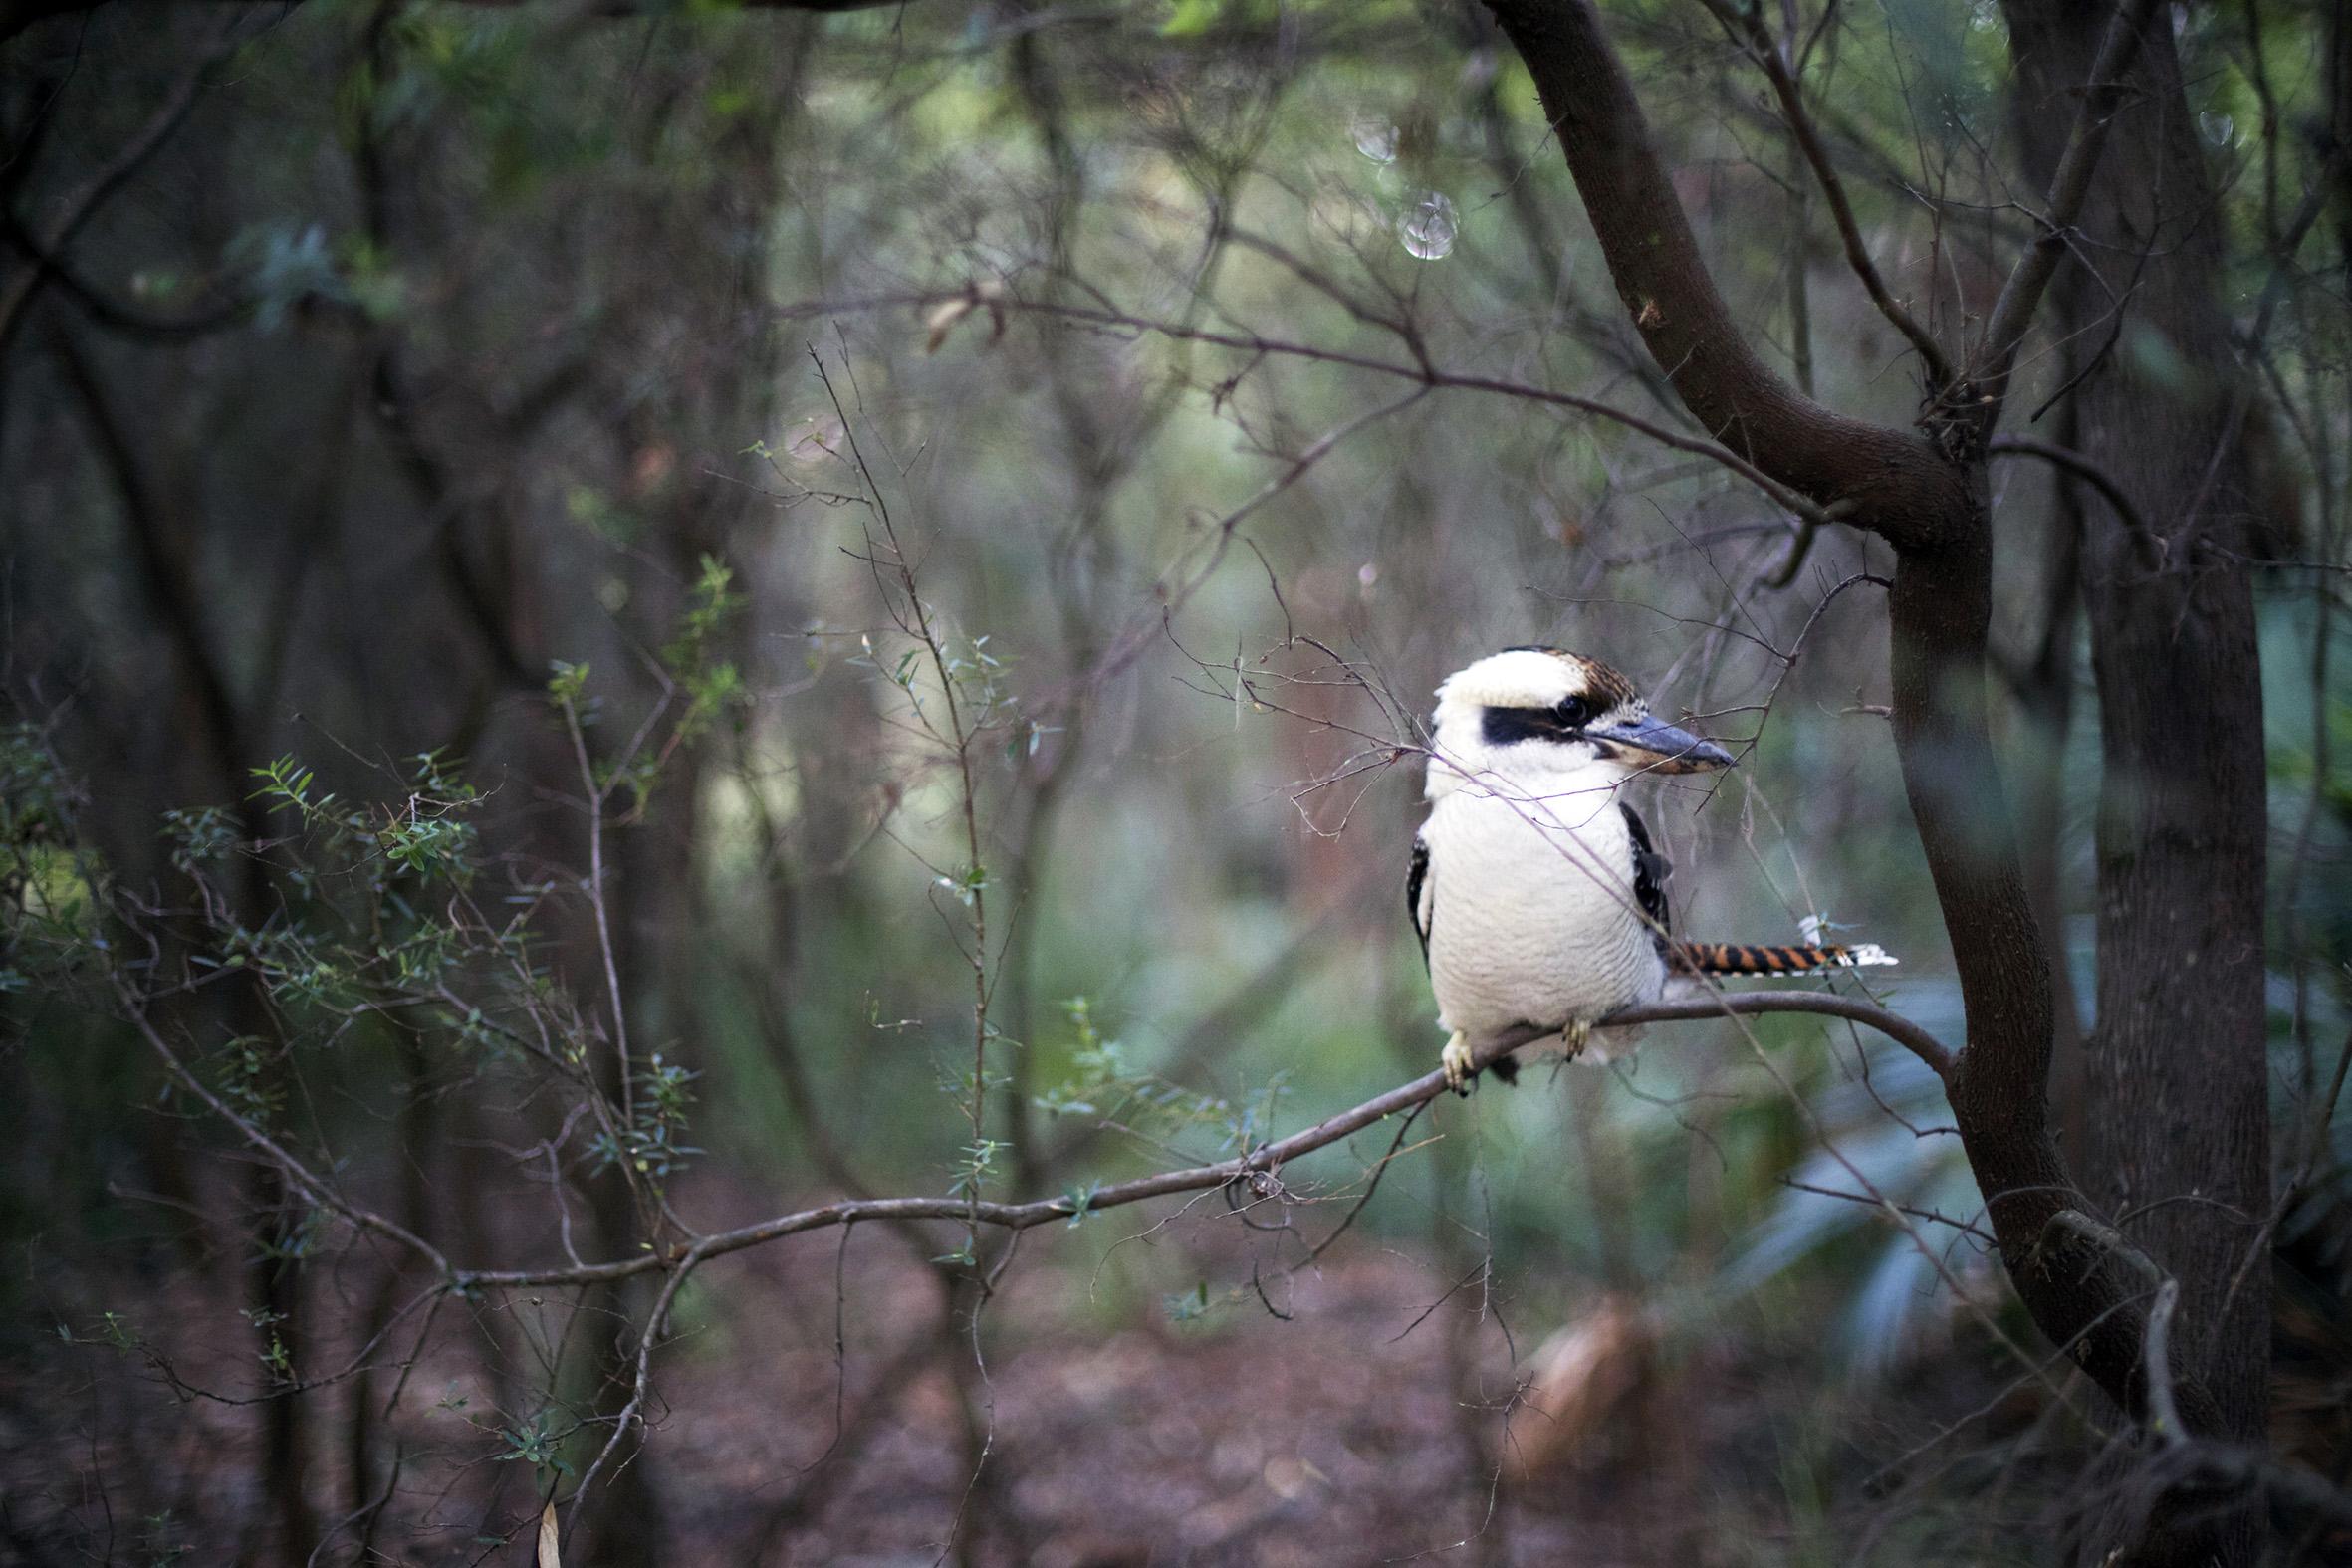 P kookaburra.jpg